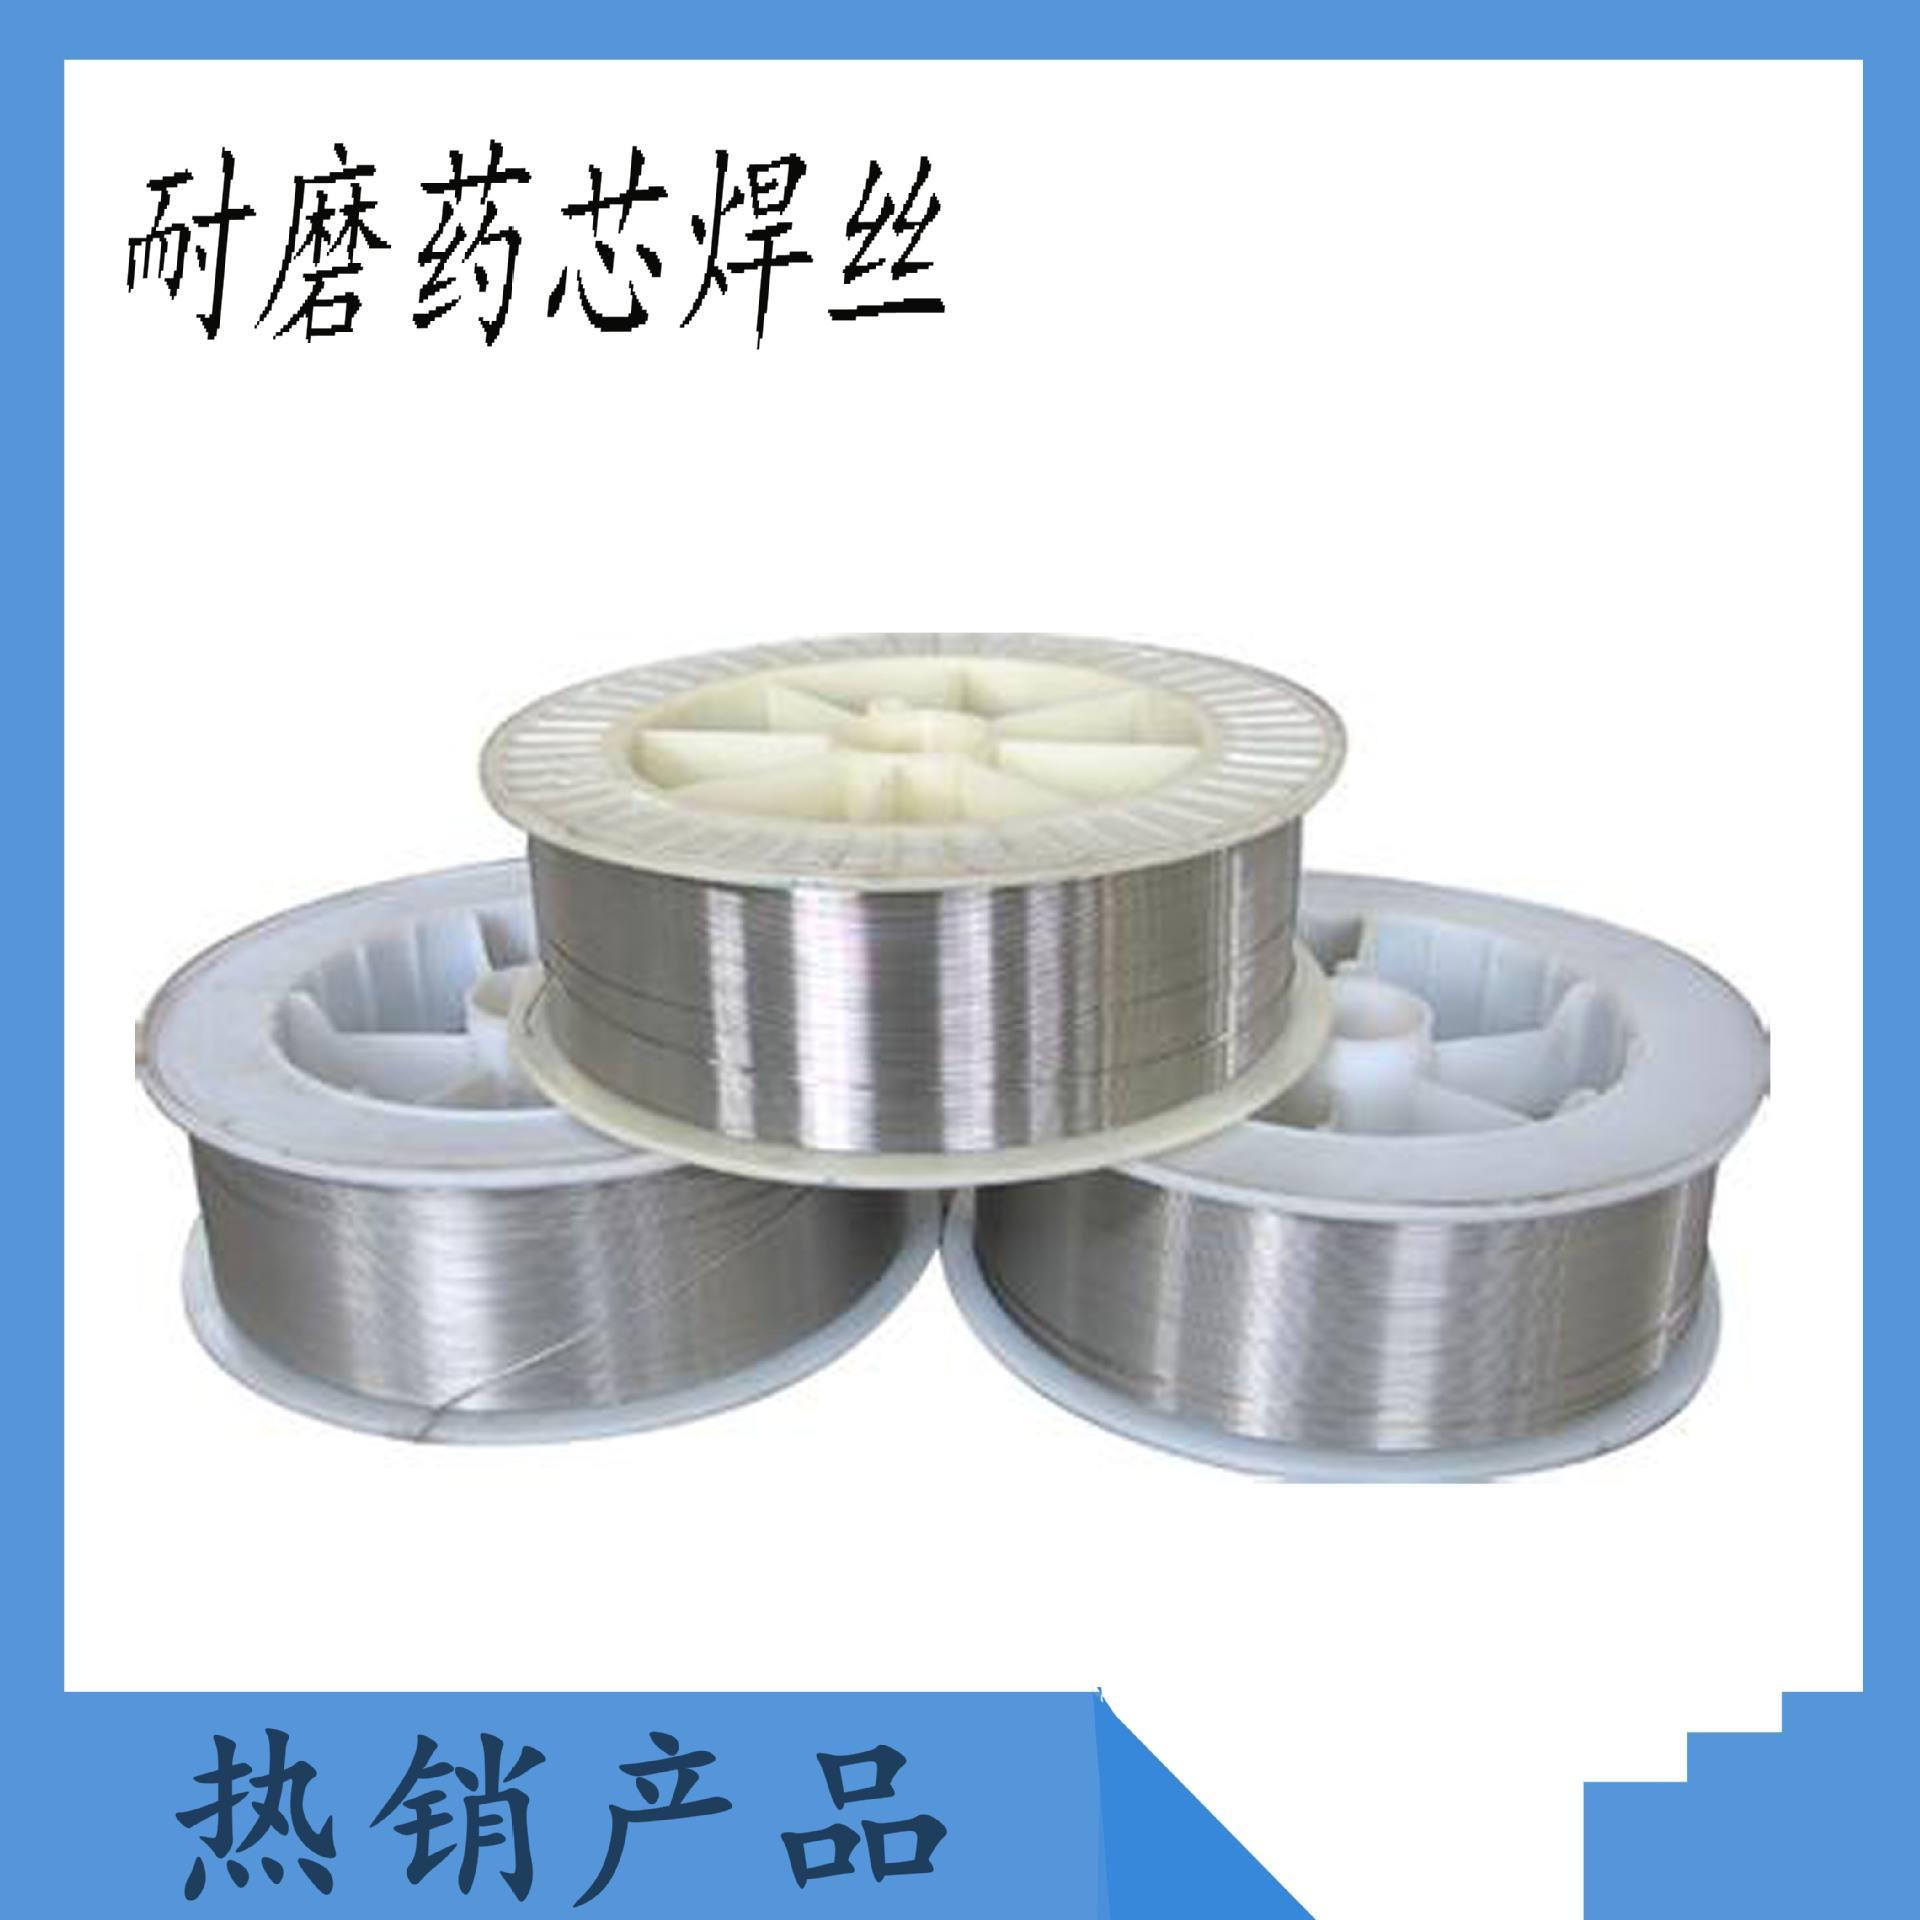 YD-798抗裂耐磨焊丝/堆焊耐磨药芯焊丝1.2mm 1.6mm